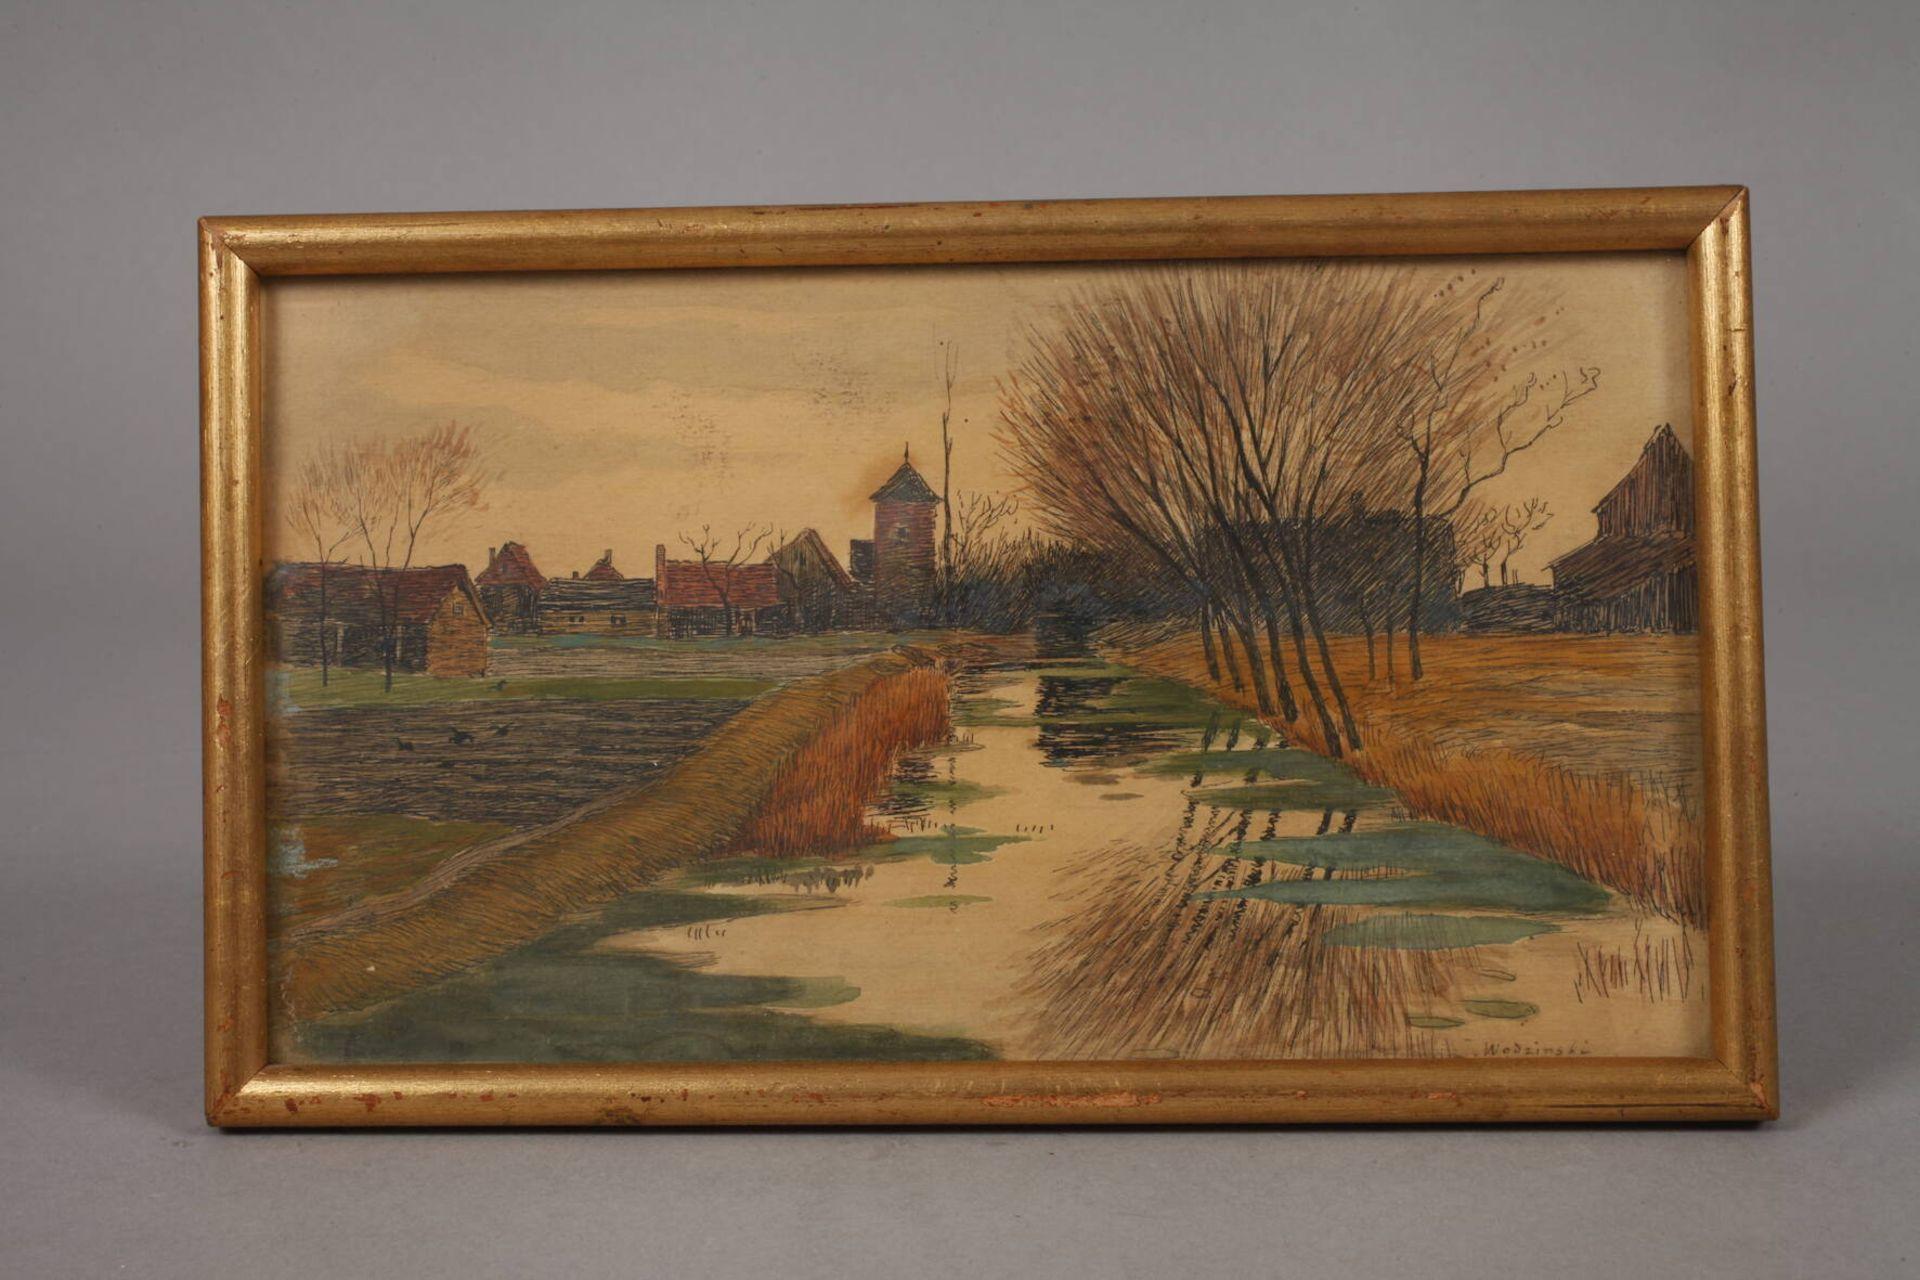 """Józef Wodziński (1859-1918) """"Pejzaż jesienny"""", źródło: Auktionshaus Mehlis"""